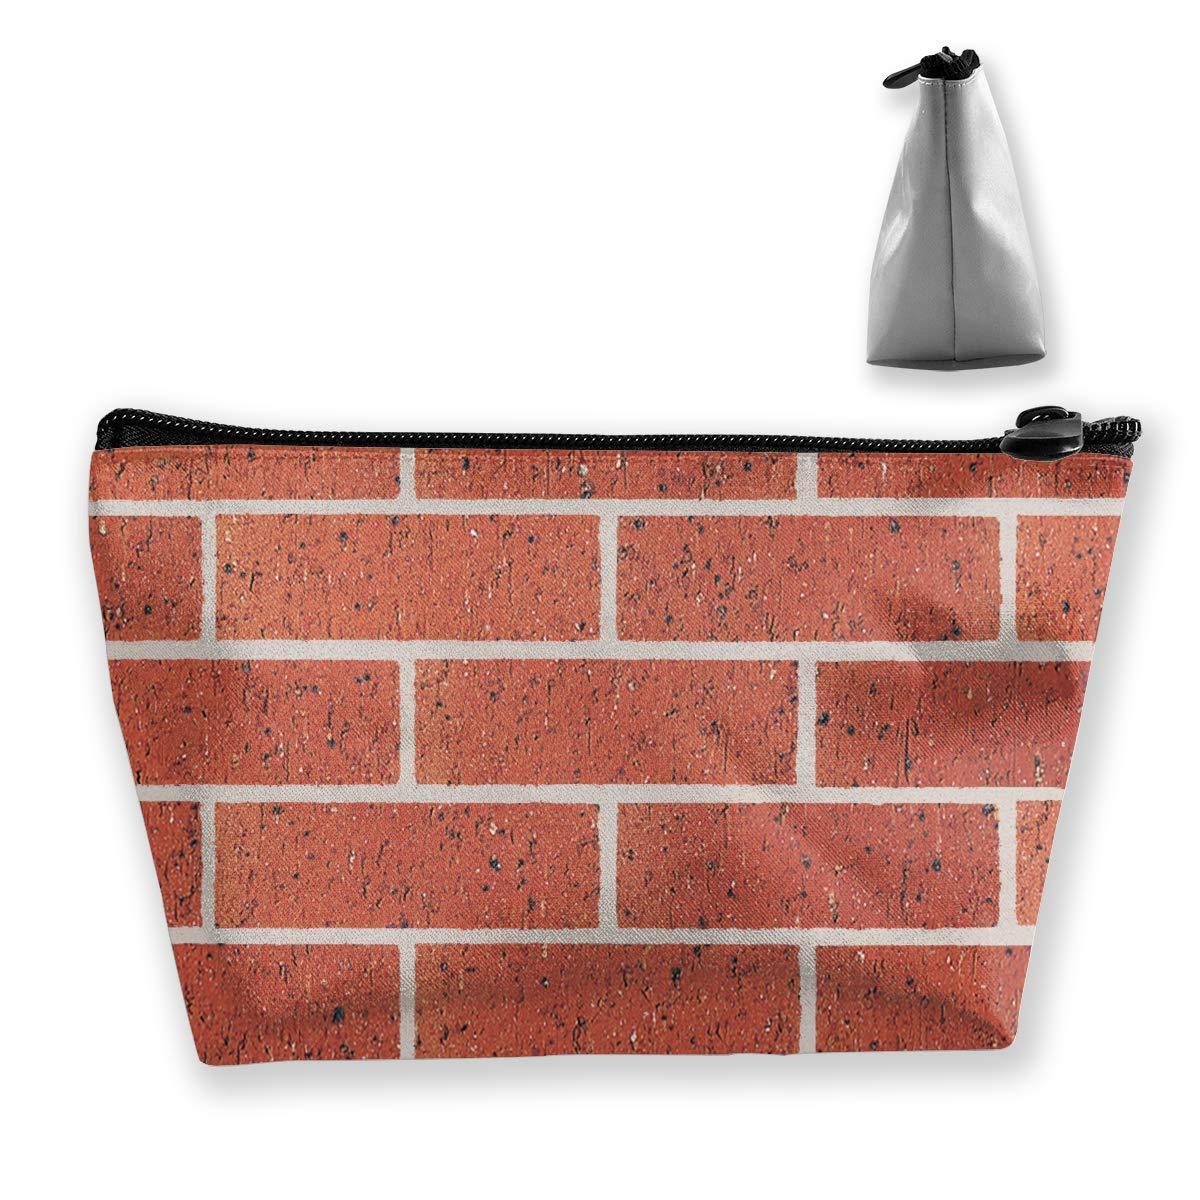 Ladrillo urbano Pizarra Muro de piedra con rocas Fachada ...